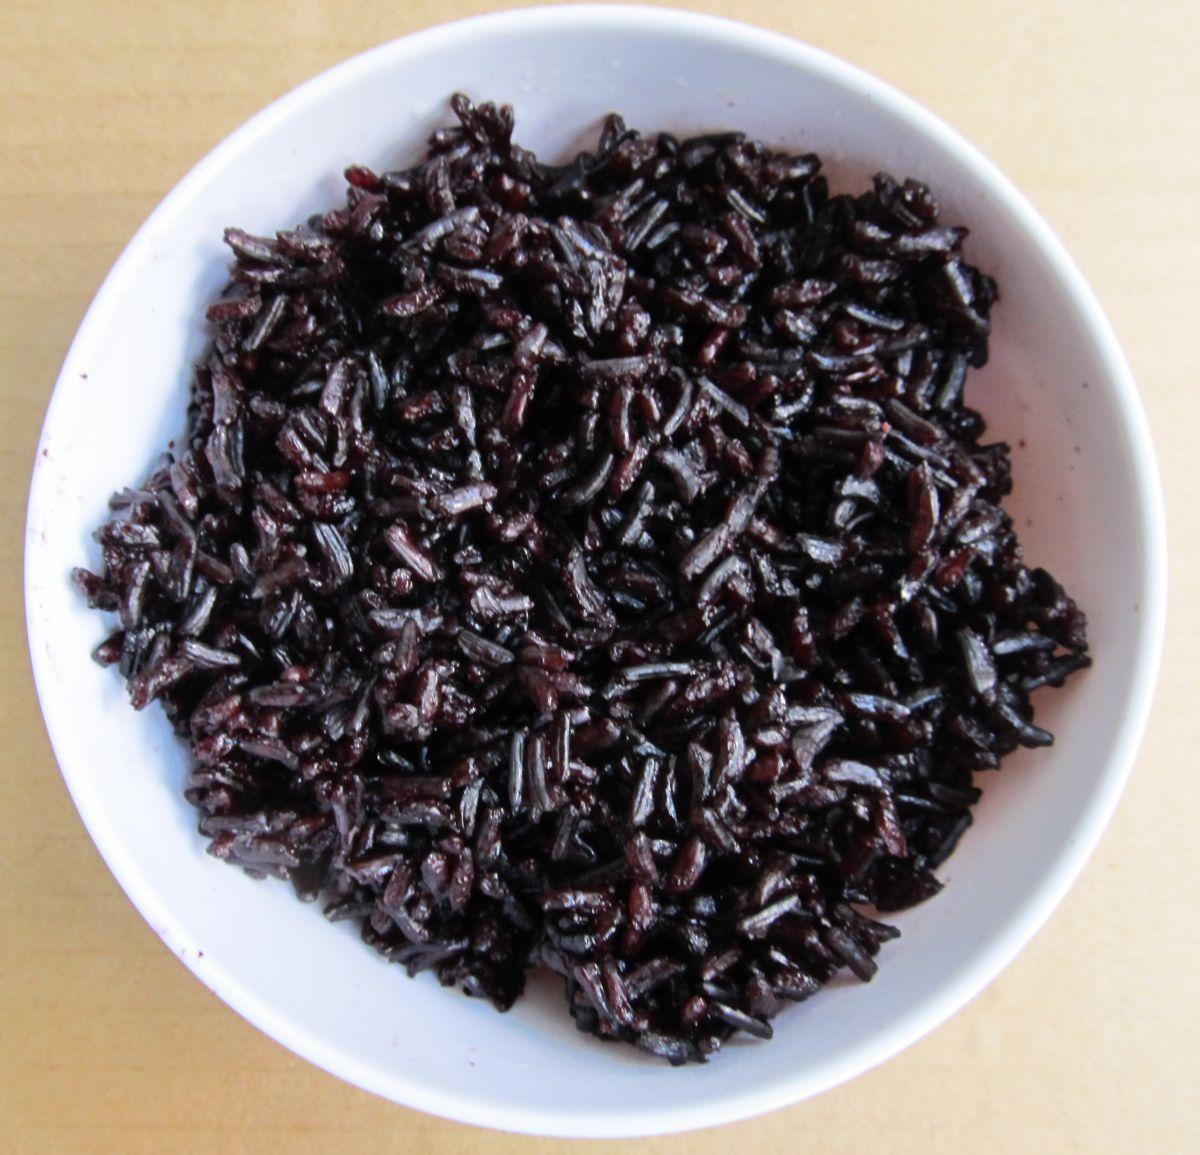 Cơm gạo lứt tím than Sóc Trăng nấu bằng nồi áp suất